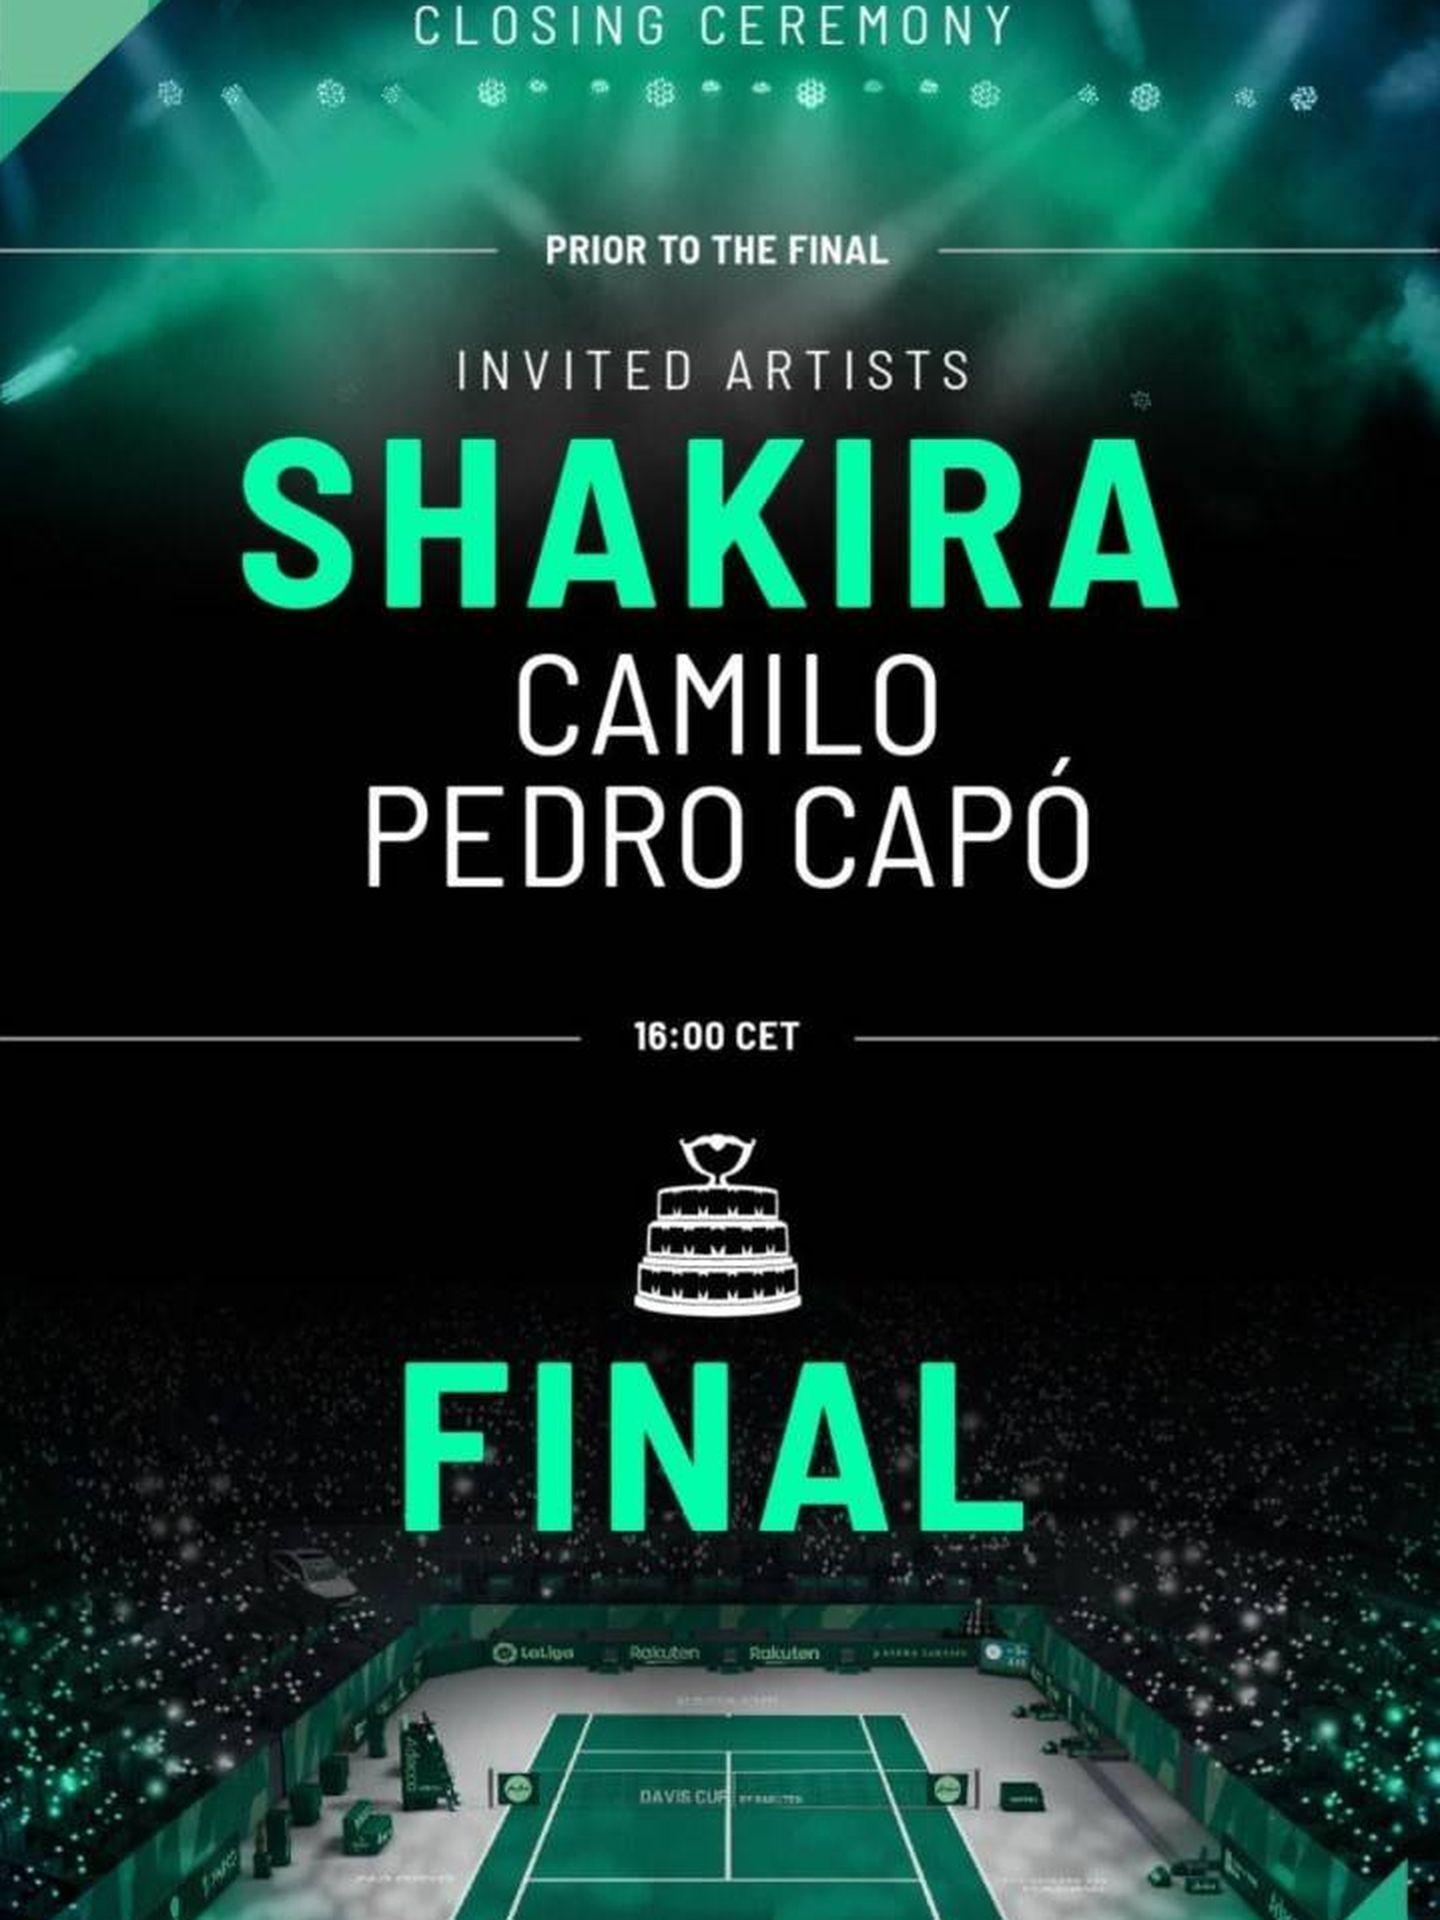 Anuncio de la actuación de Shakira, en la cuenta de Instagram de Piqué.